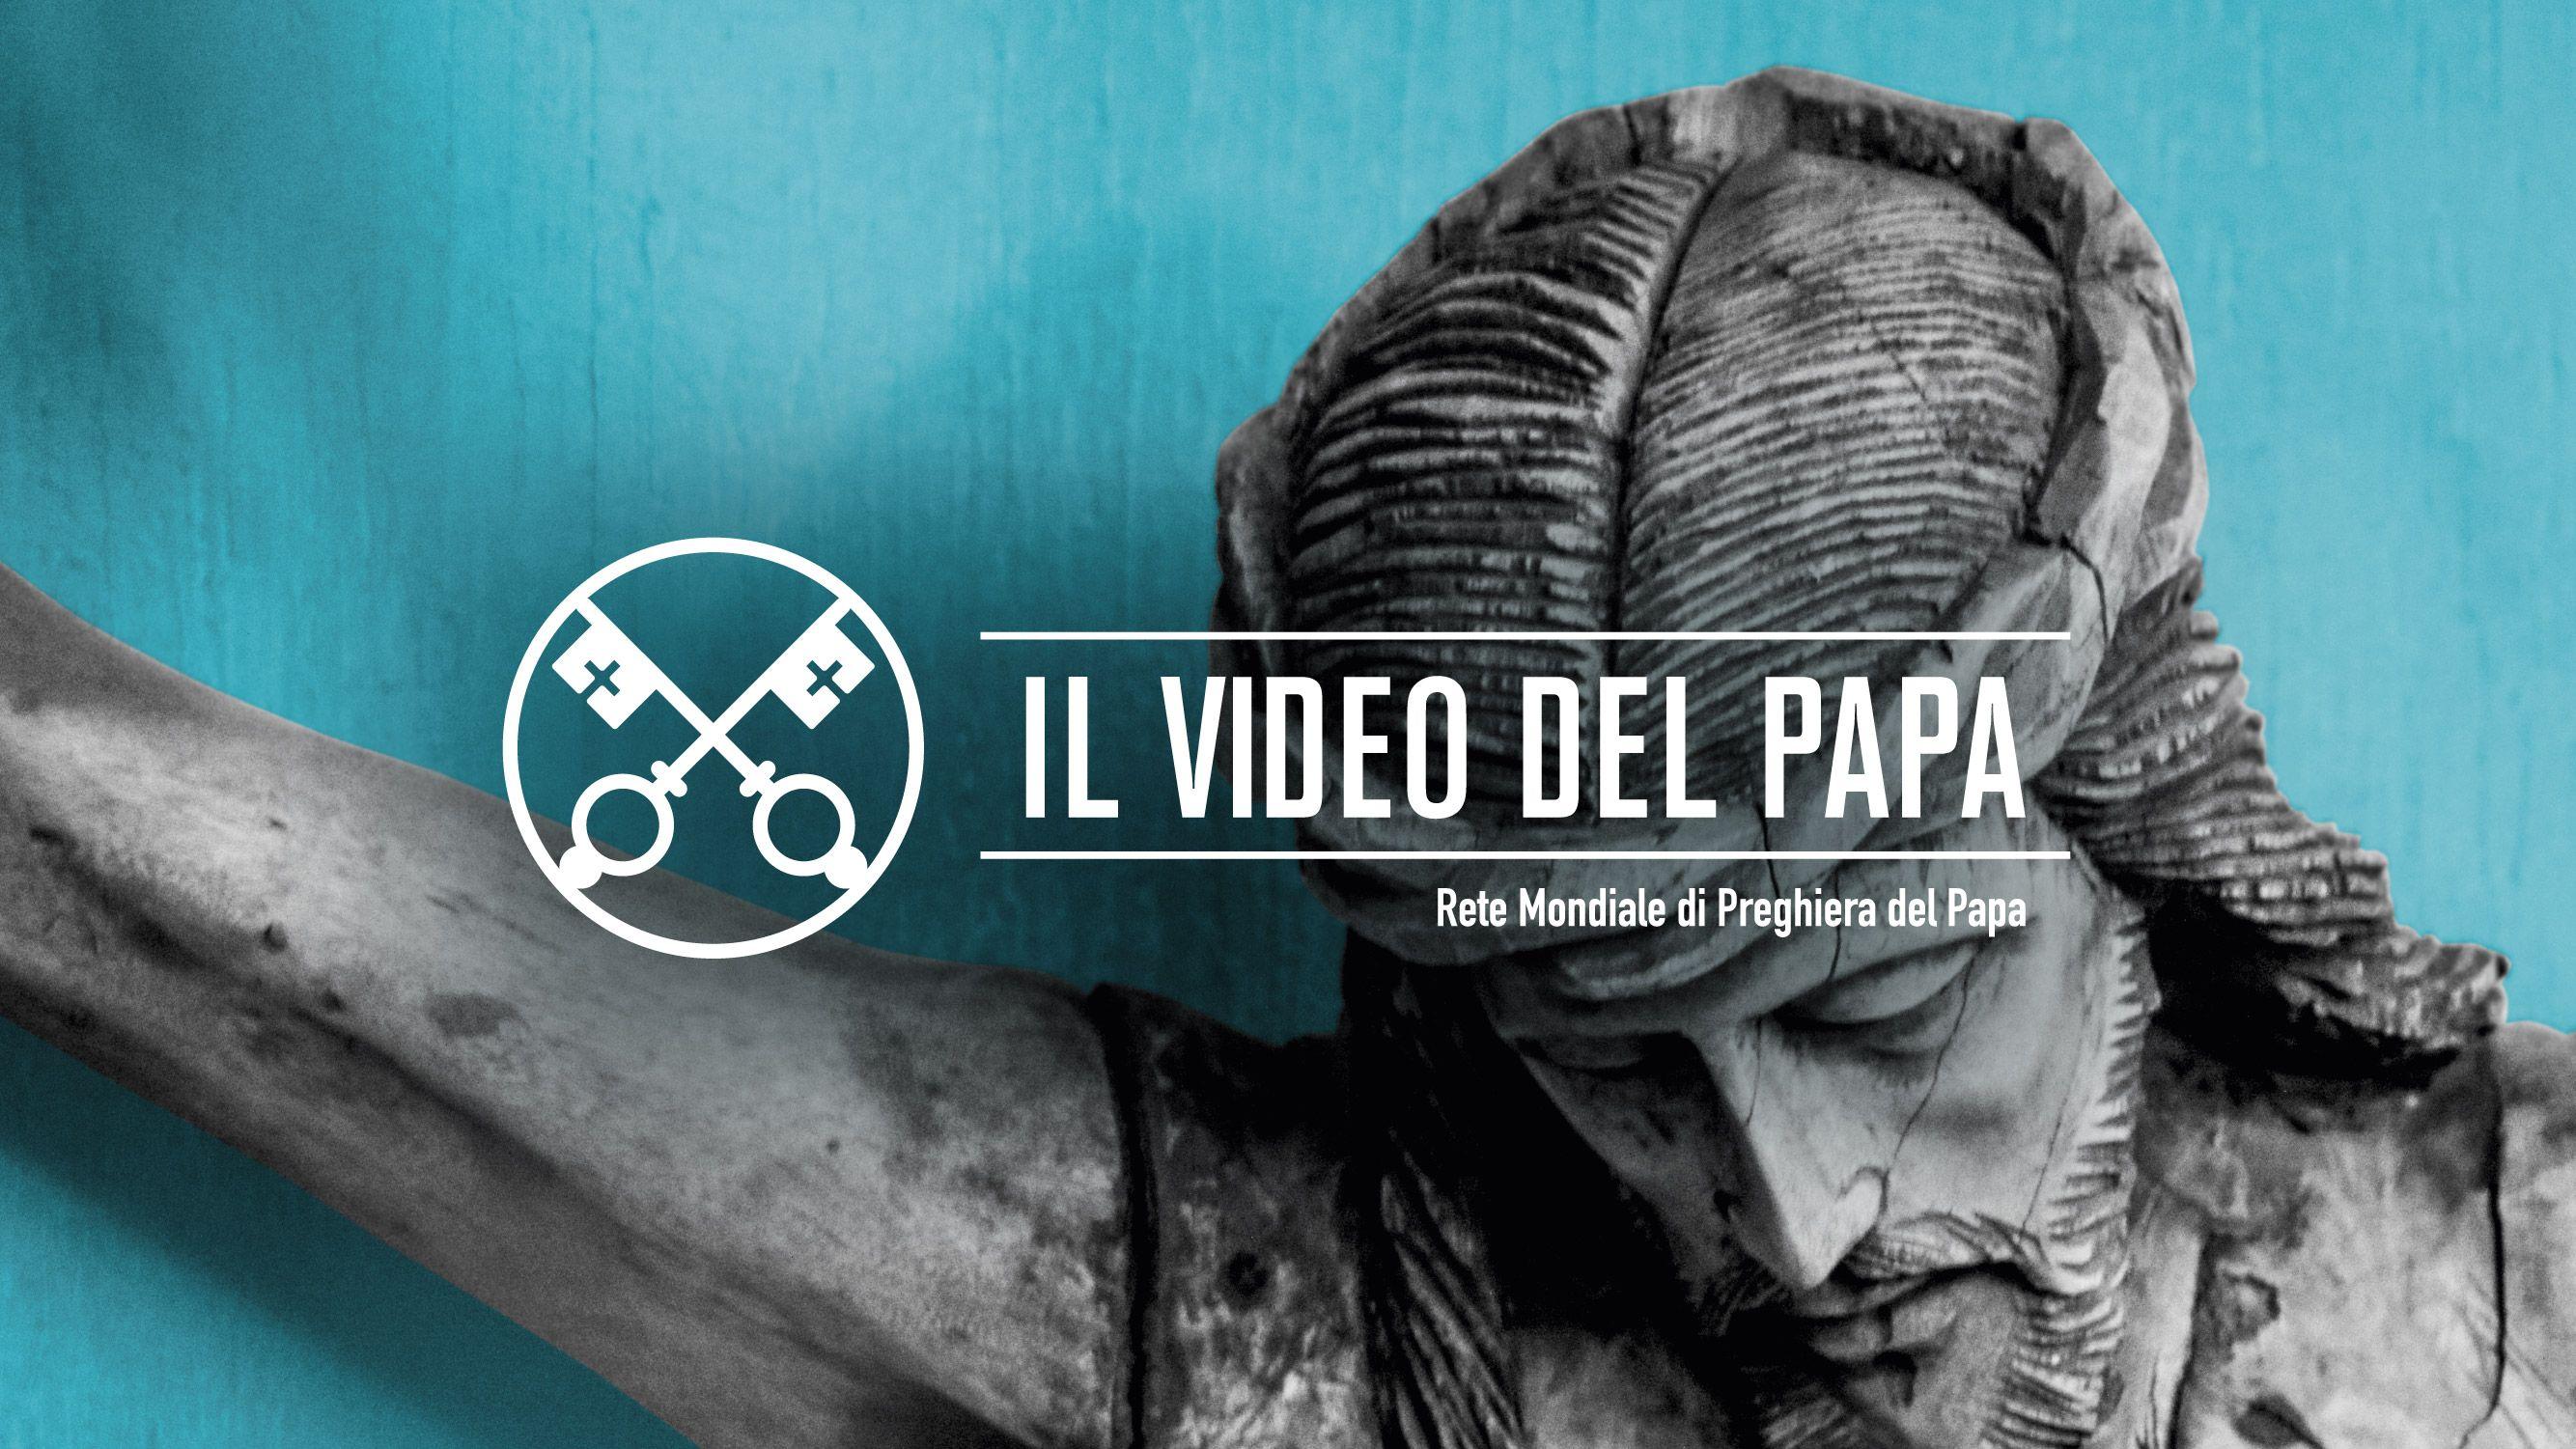 Official-Image-TPV-6-2020-IT-Il-Video-del-Papa-Compassione-per-il-mondo